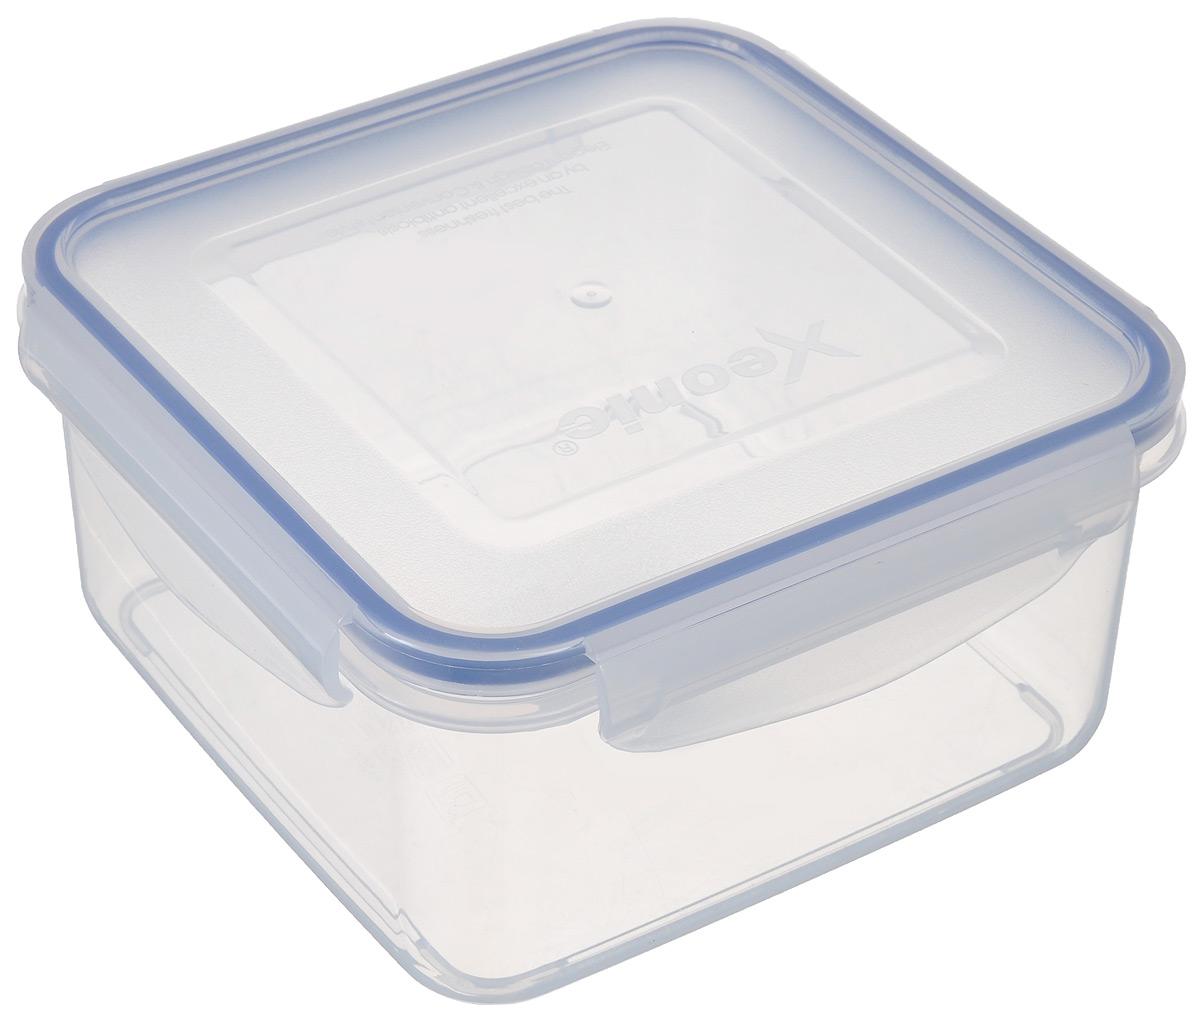 Контейнер пищевой Xeonic, 1,4 лVT-1520(SR)Герметичный контейнер для хранения продуктов Xeonic произведен из высококачественного полипропилена. Изделие термоустойчиво, может быть использовано в микроволновой печи и в морозильной камере, устойчиво к воздействию масел и жиров, не впитывает запах. Контейнер удобен в использовании, долговечен, легко открывается и закрывается. Герметичность обеспечивается четырьмя защелками и силиконовой прослойкой на крышке. Контейнер компактен и не займет много места.Можно мыть в посудомоечной машине.